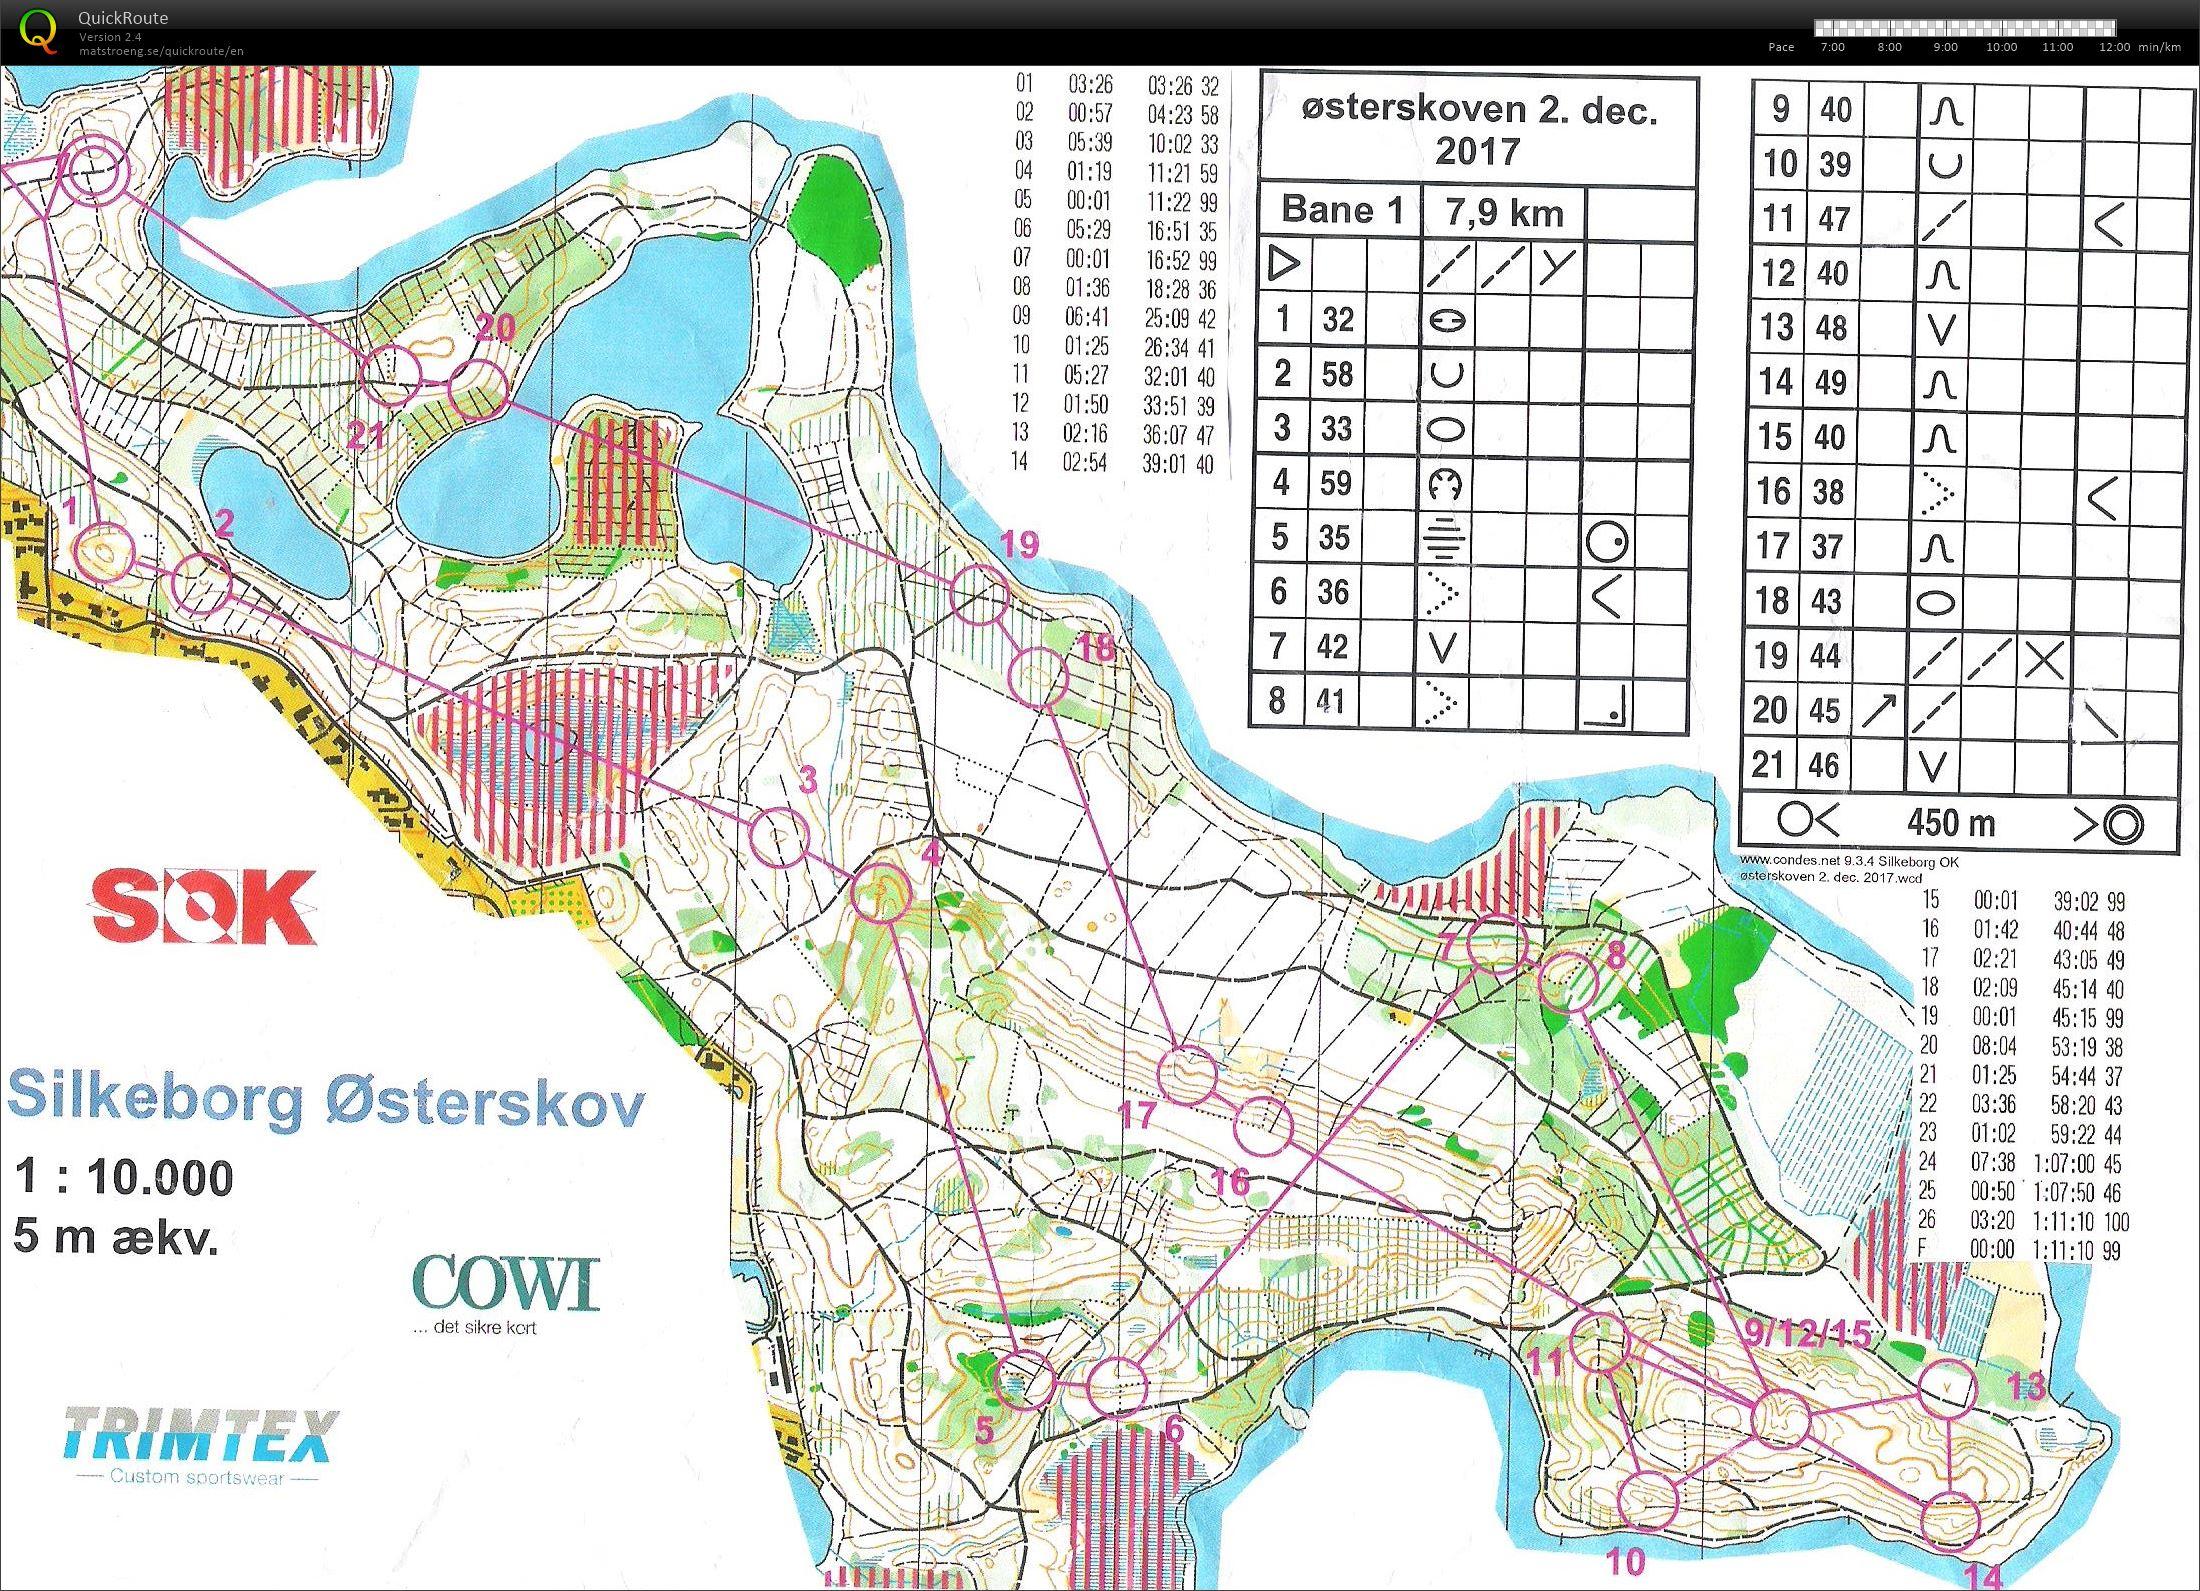 Silkeborg Østerskov - bane 1 - December 2nd 2017 - Orienteering Map ...